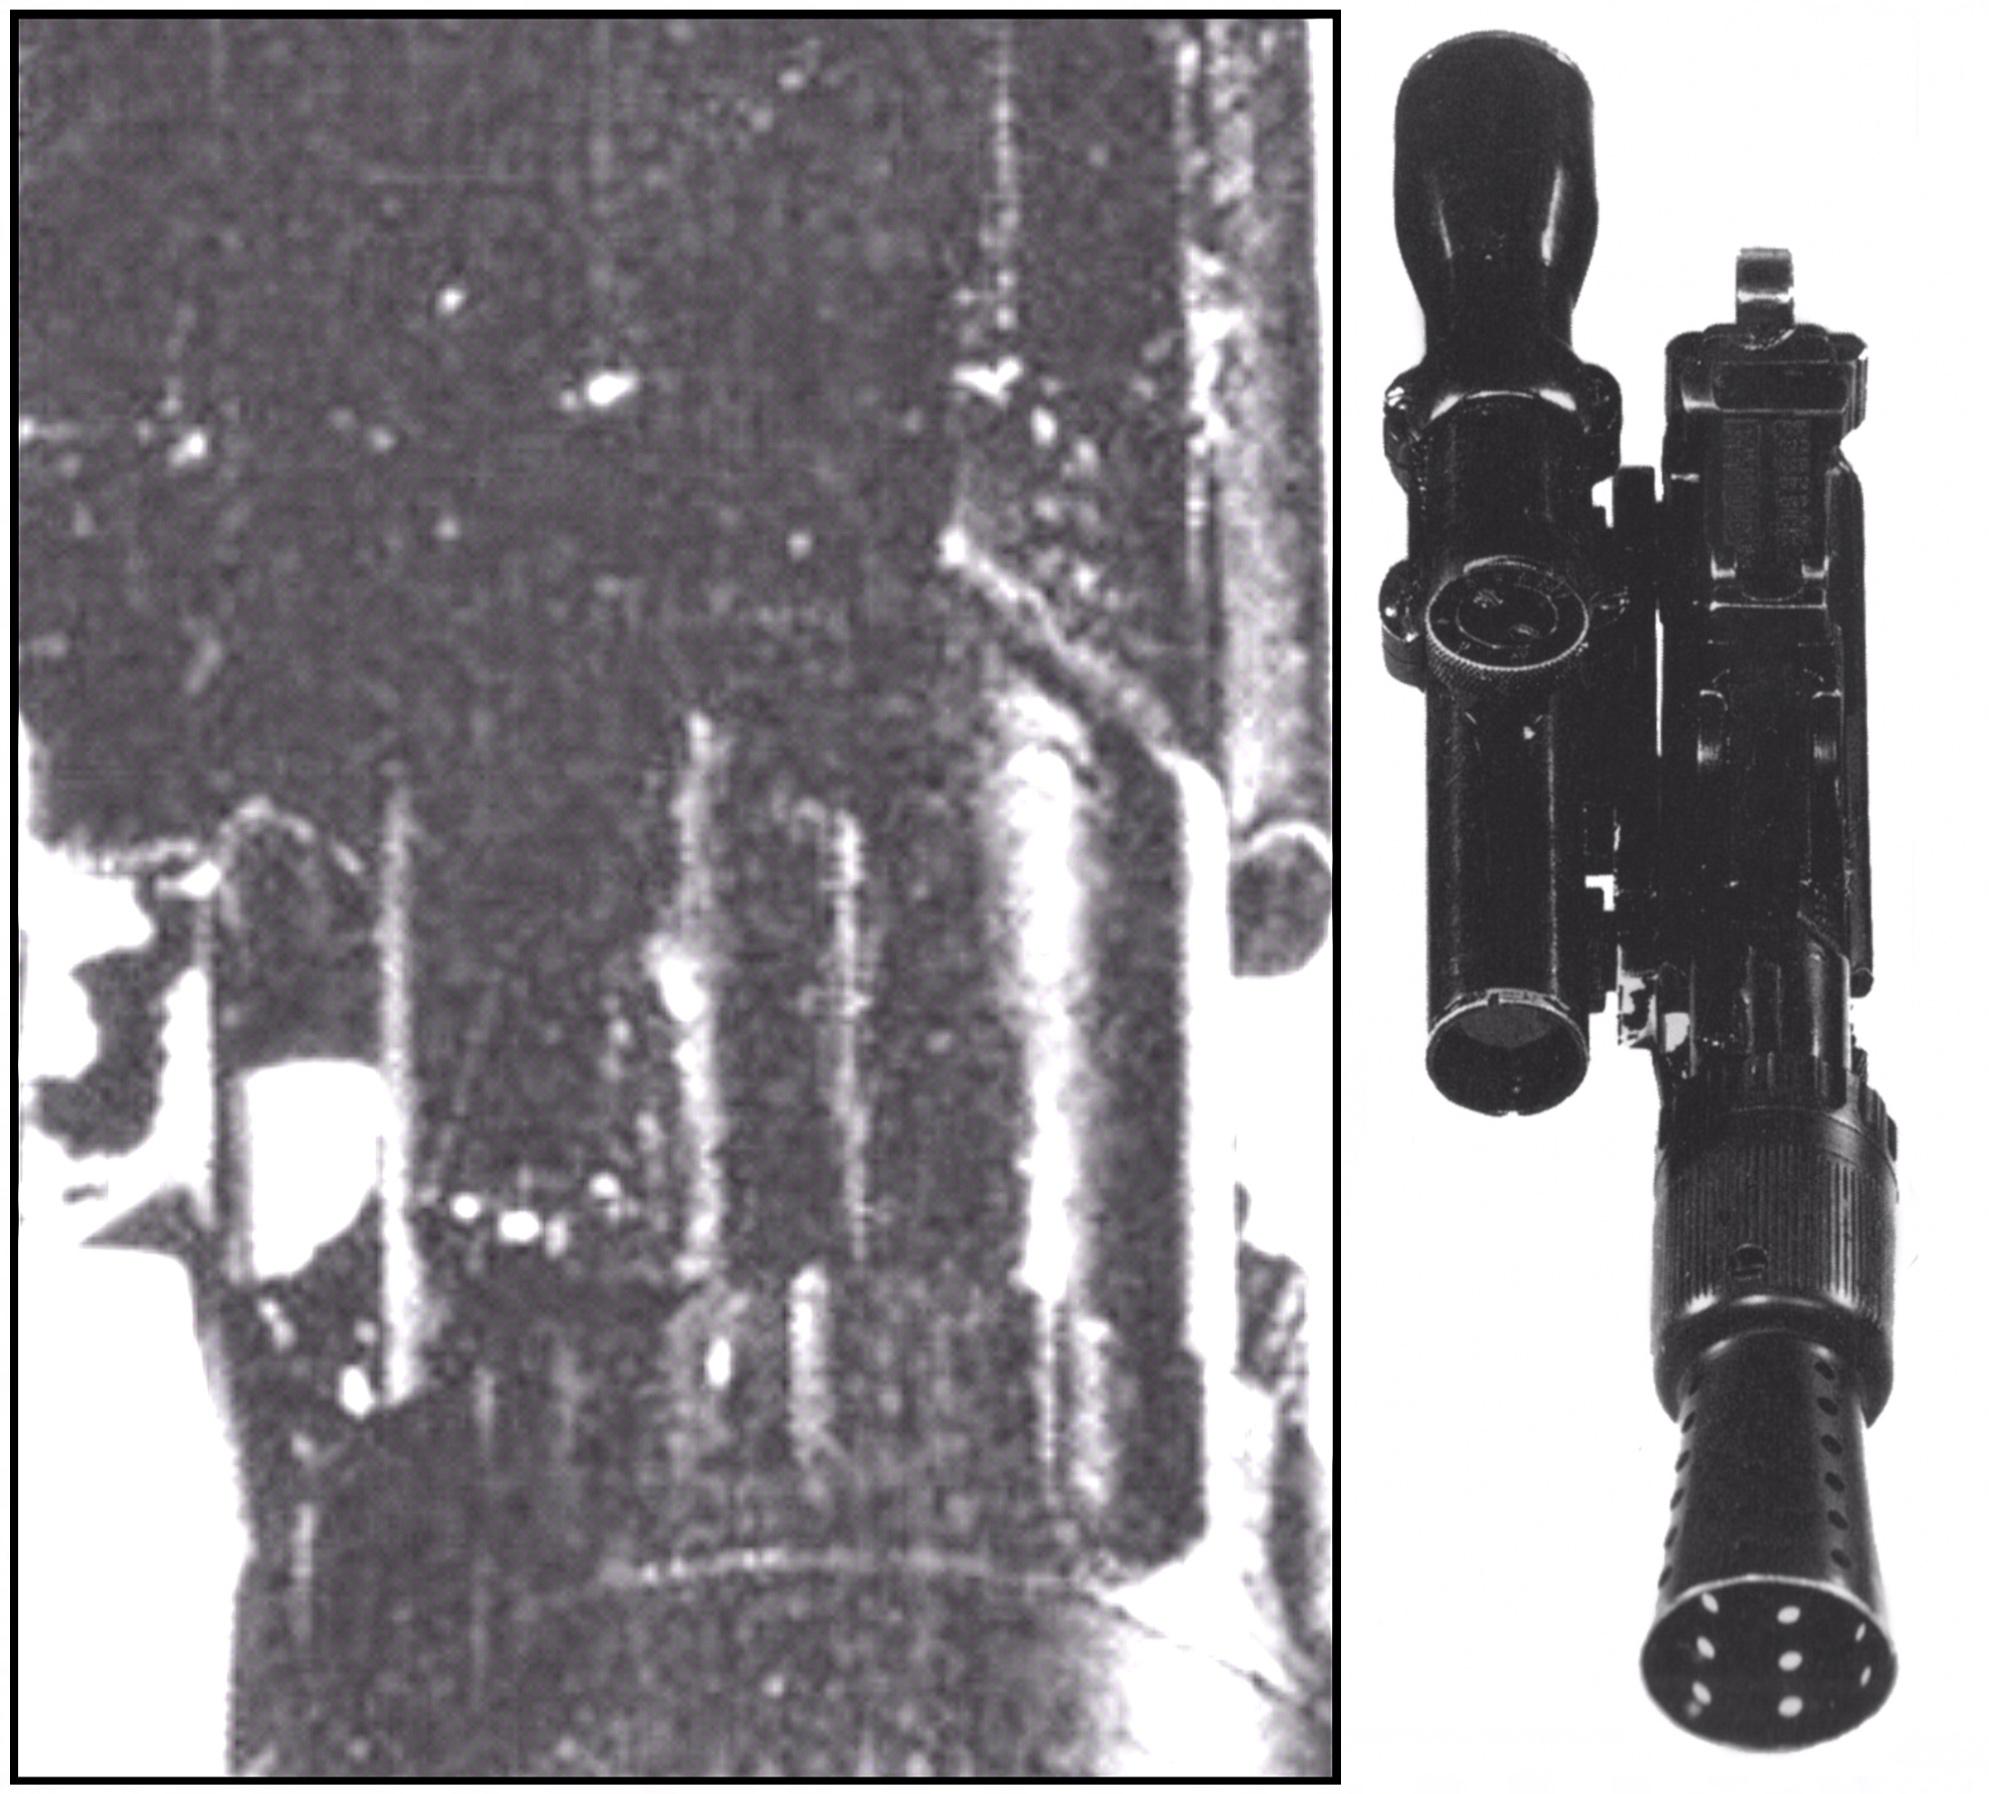 F674E158-FC9F-44A8-AED1-5F43A360D541.jpeg